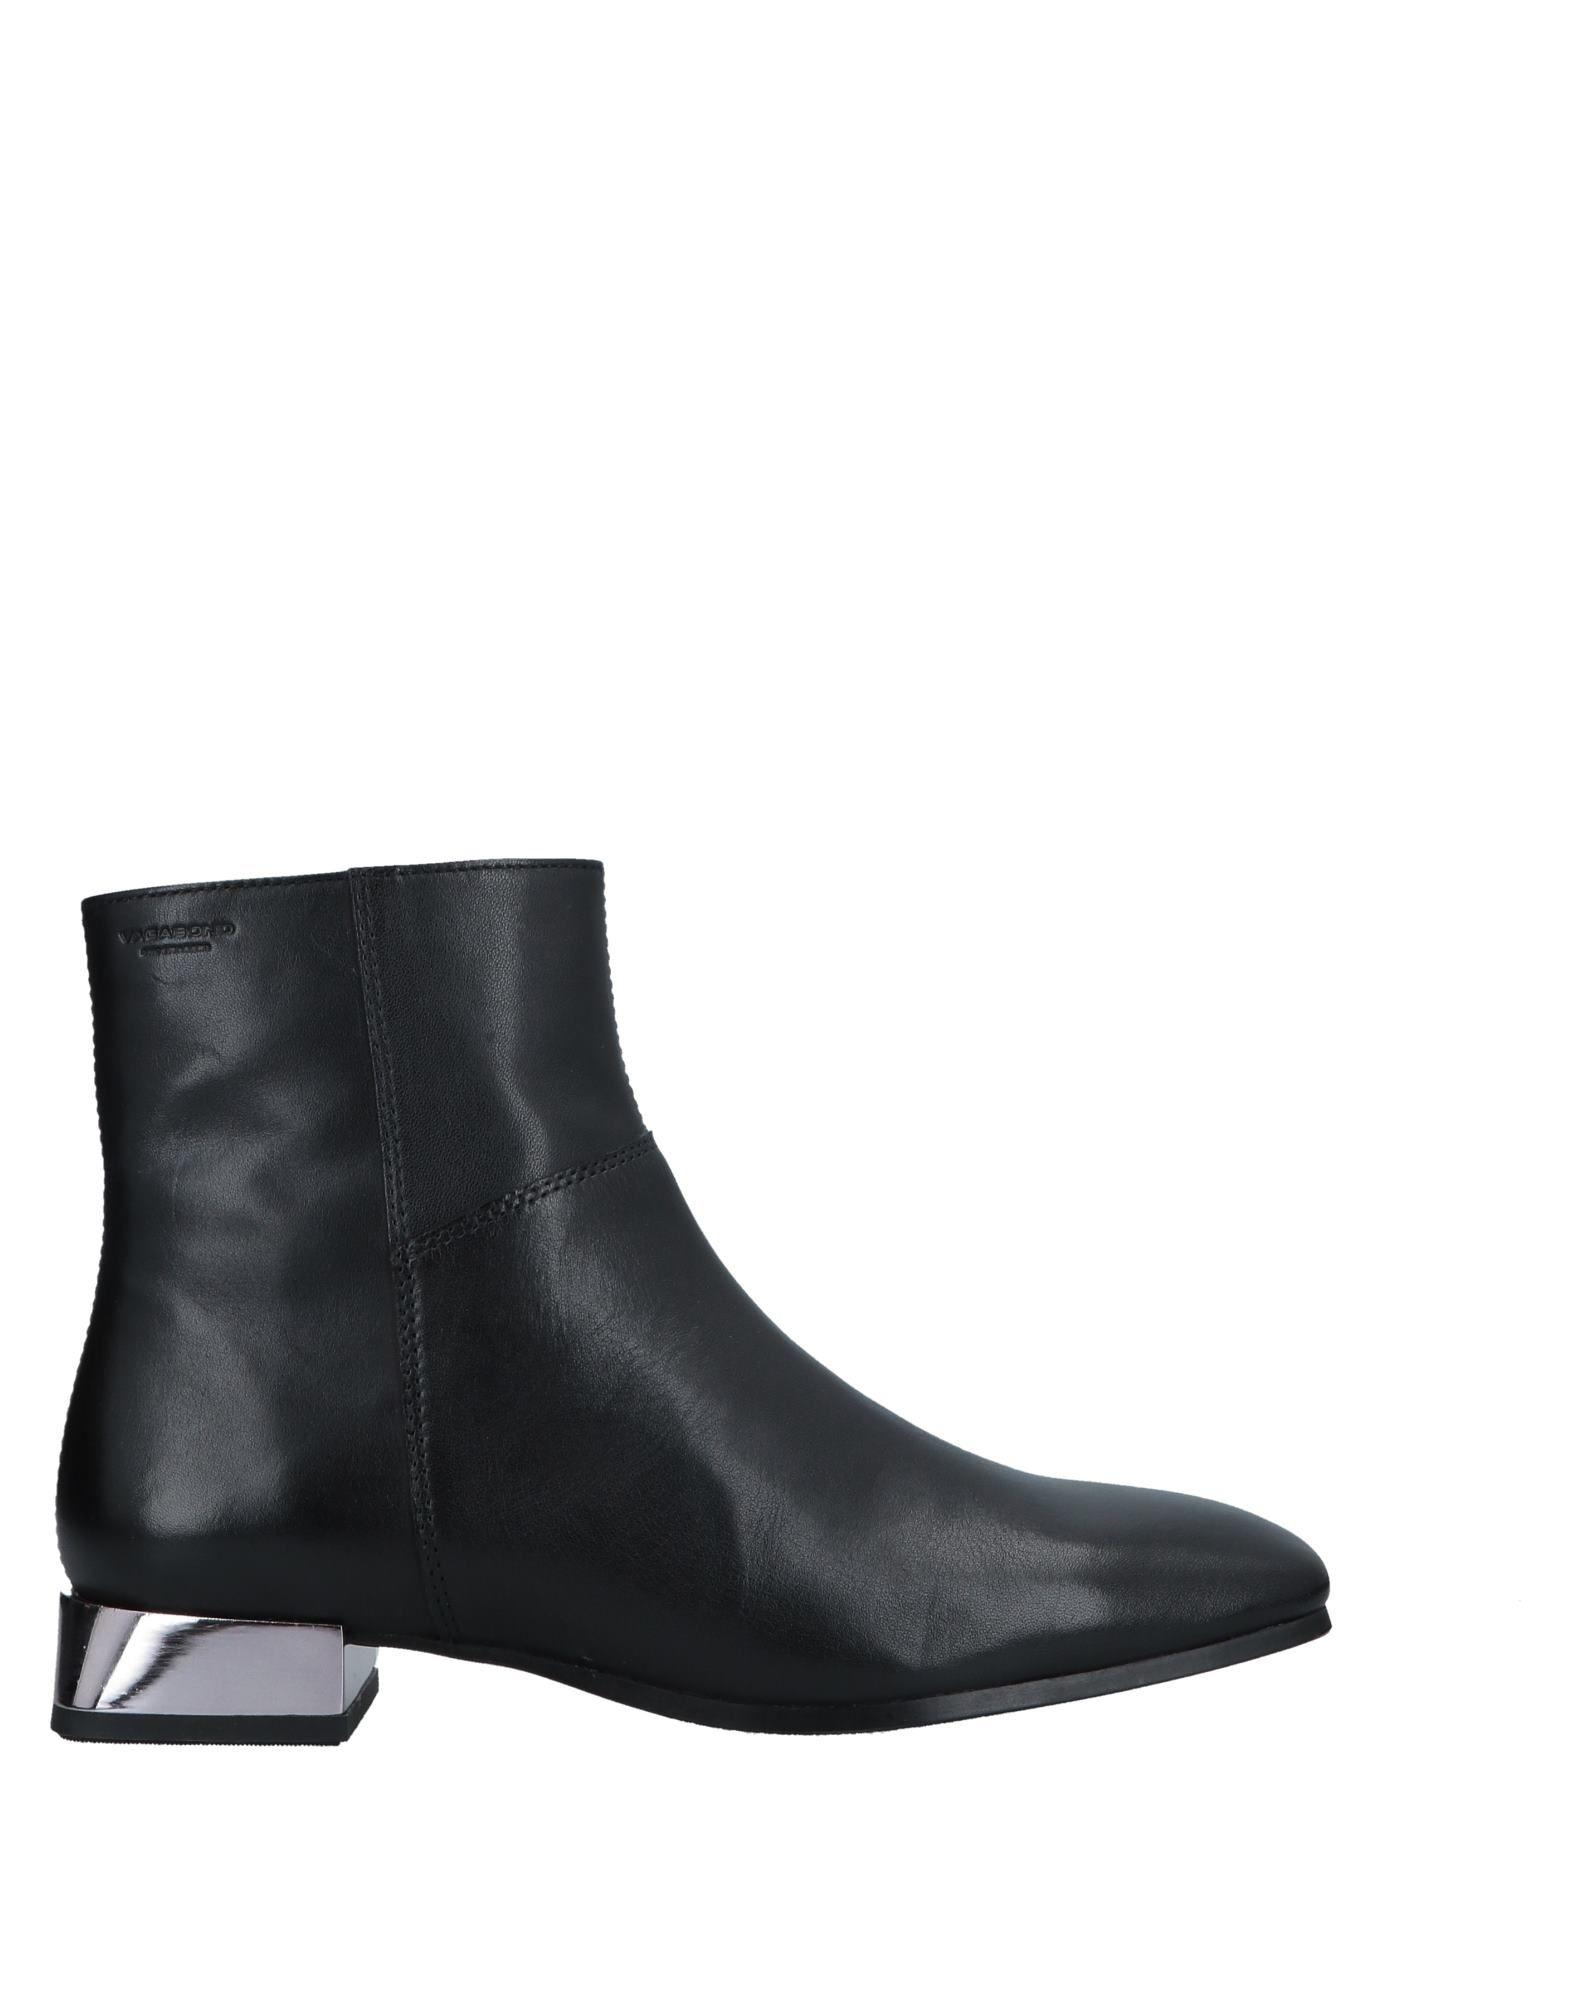 VAGABOND SHOEMAKERS Полусапоги и высокие ботинки цены